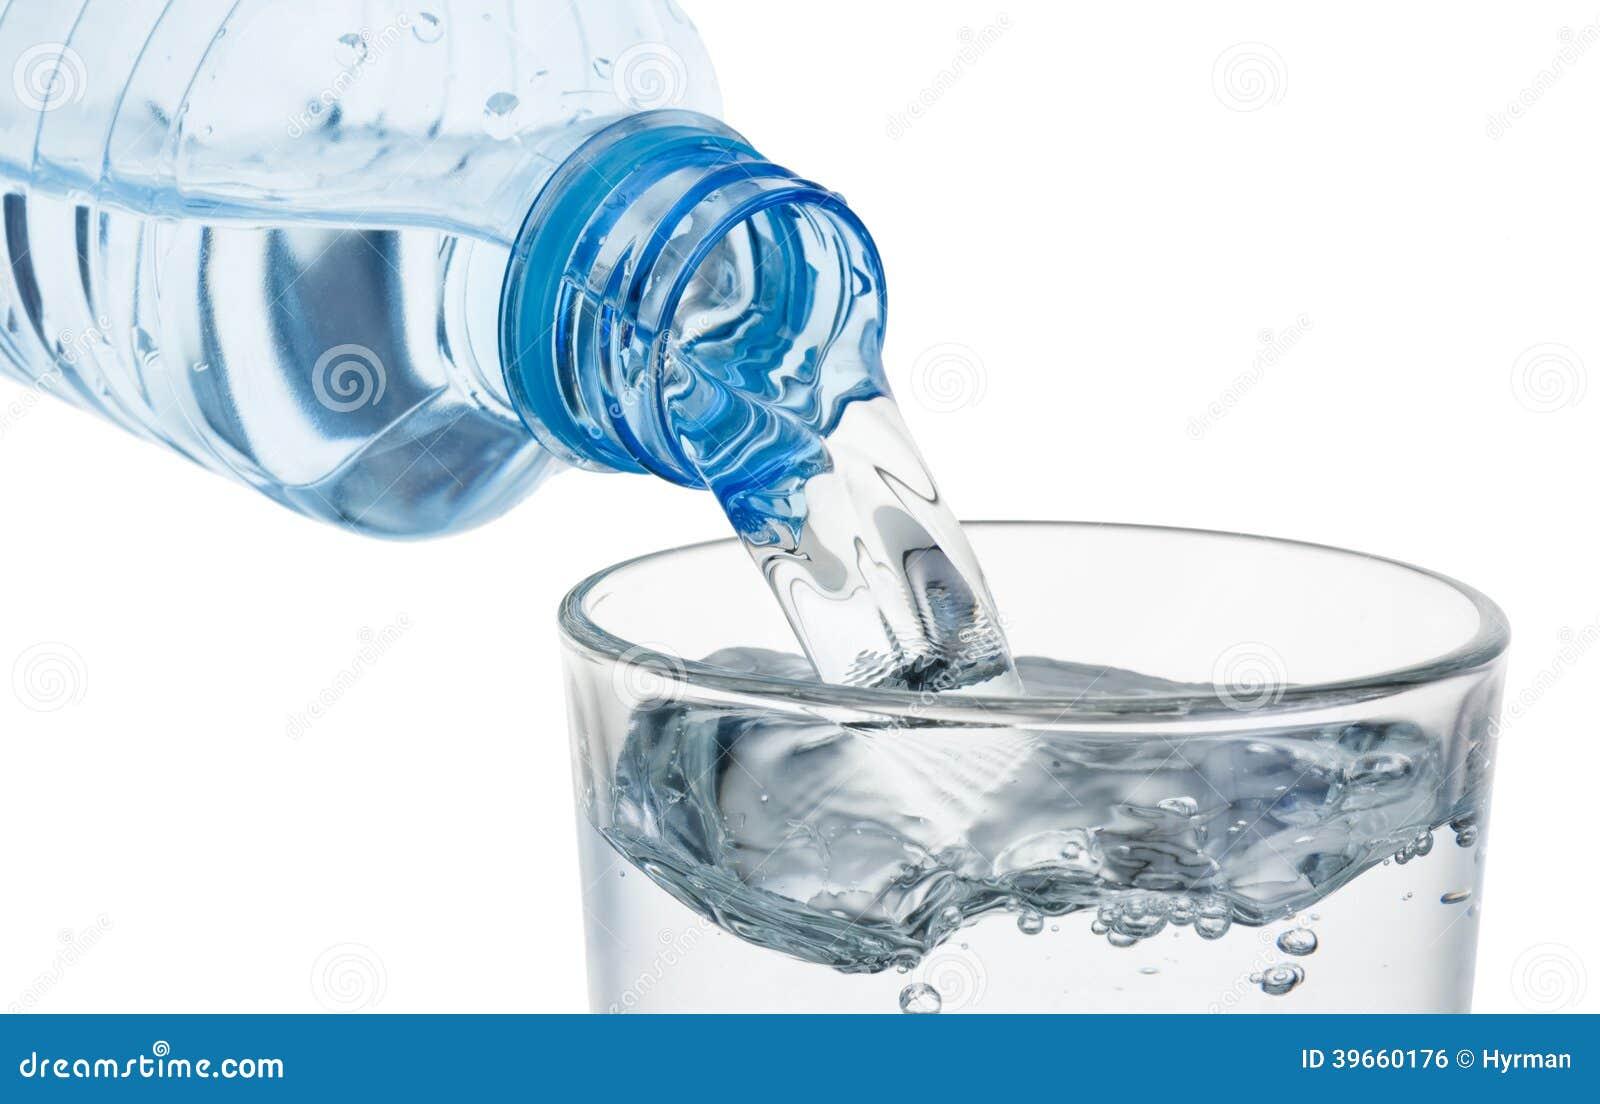 verre de versement de l 39 eau d 39 une bouteille en plastique d 39 isolement photo stock image 39660176. Black Bedroom Furniture Sets. Home Design Ideas